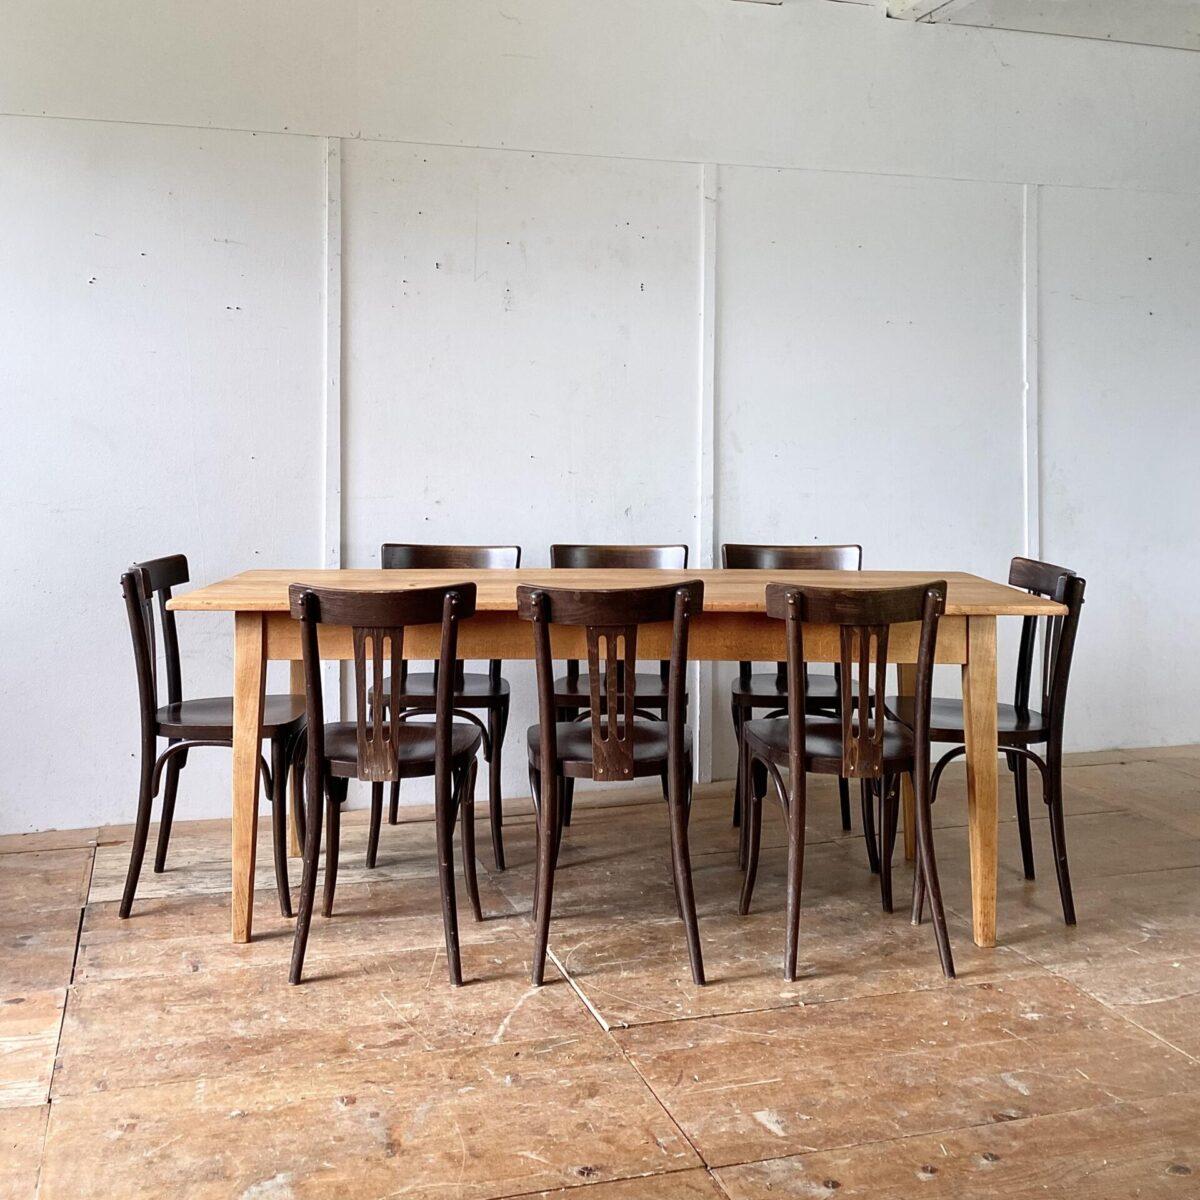 60 Bistrostühle aus Buchenholz dunkel gebeizt und lackiert. Preis pro Stuhl. Diese neueren Esszimmer Stühle sind in gebrauchtem aber funktionalen, stabilen Zustand. Diverse Abnutzungserscheinung, teilweise fehlen ein paar der runden Schrauben-Abdeckungen hinter der Rückenlehne.